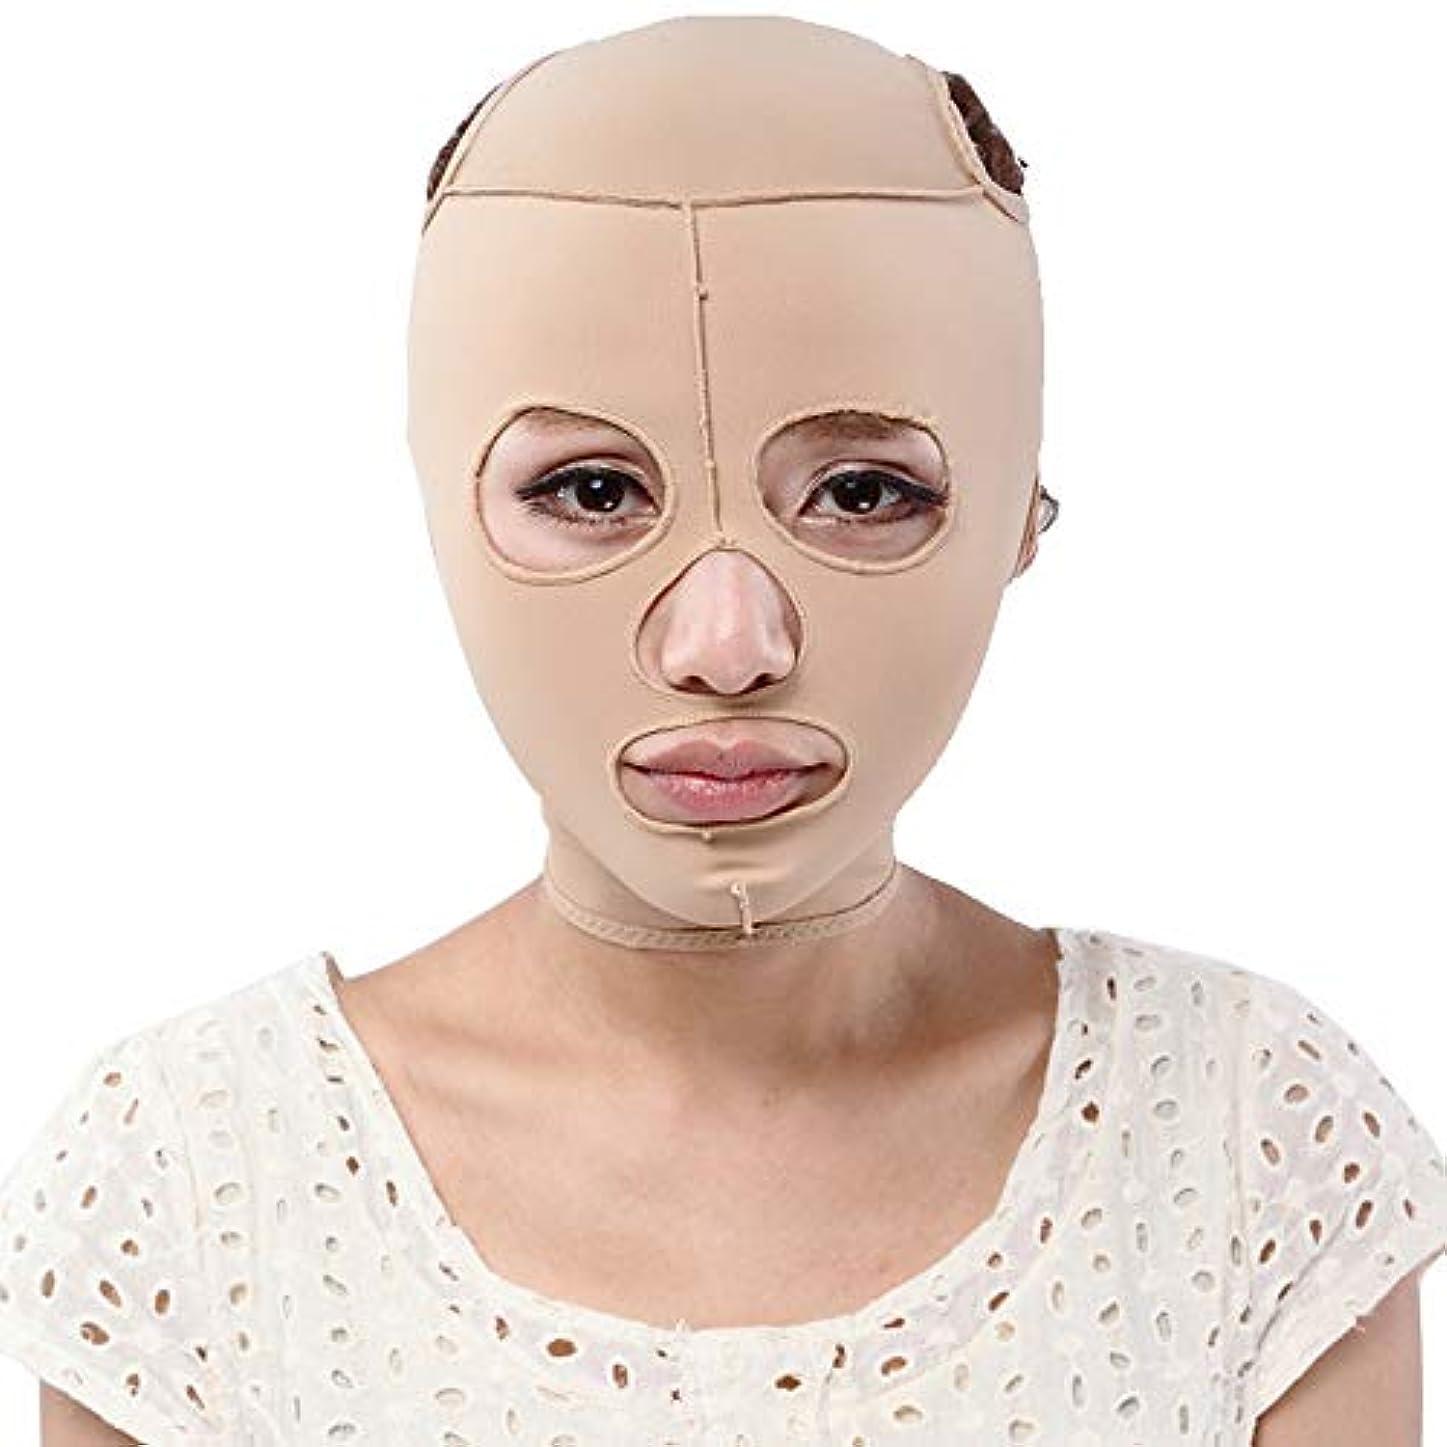 スラム街手綱ナビゲーション睡眠薄い顔の包帯、ダブル顎の顔を持ち上げる小物V顔マスクタイプリフティングフェイシャル,S